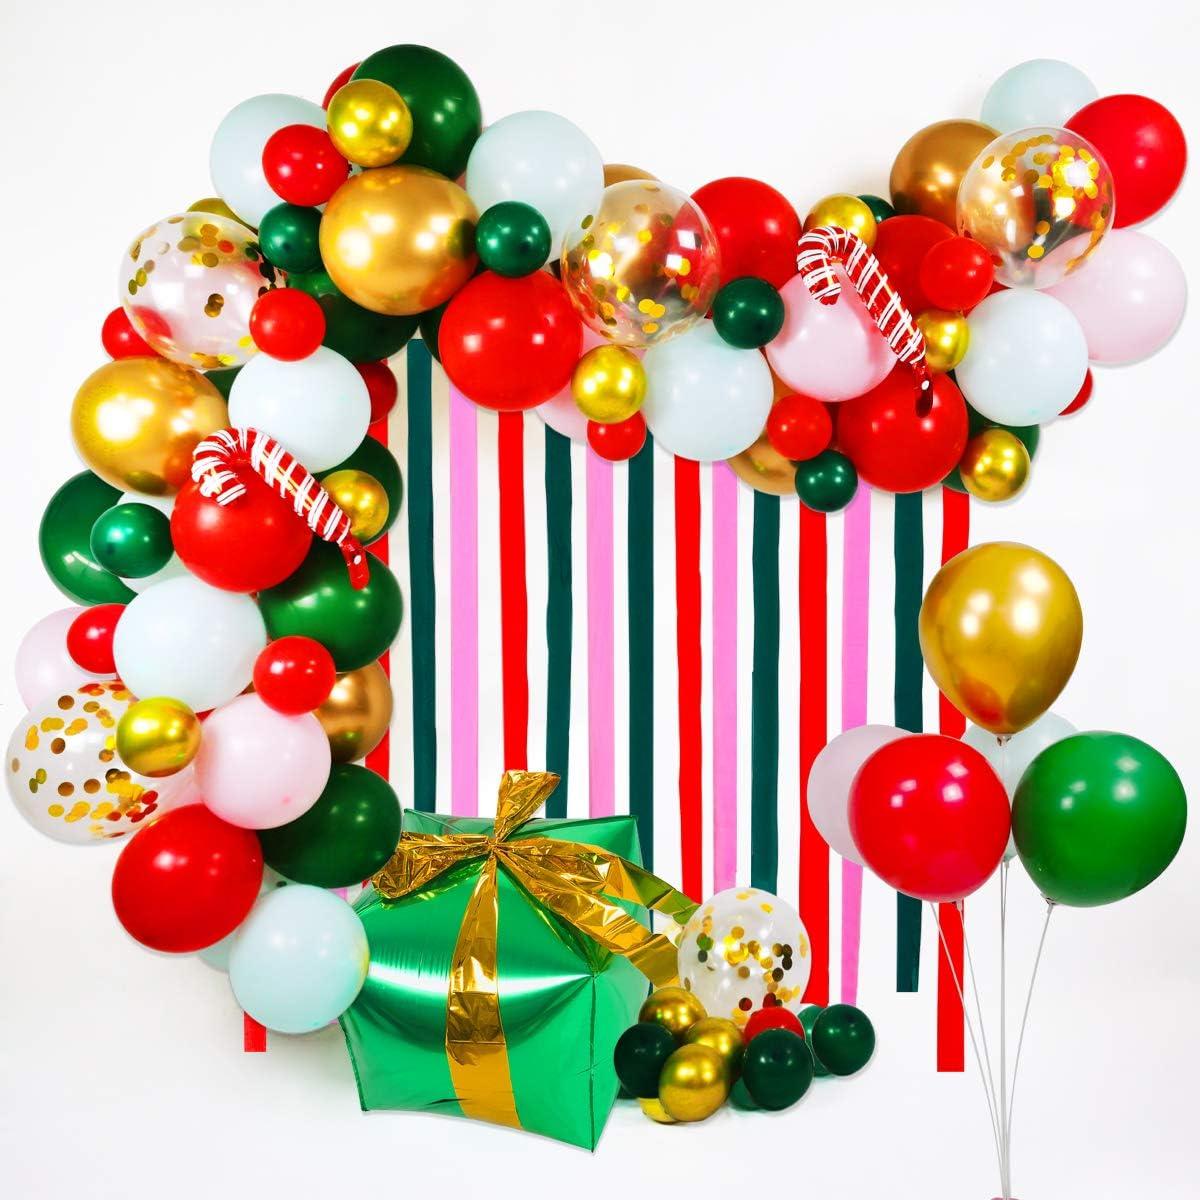 Kit de Globos de Decoraciones navide/ñas,Globos Decoraci/ón de Fiesta de Navidad Feliz Navidad//Pap/á Noel///Árbol de Navidad//Ciervo Set de 30 Merry Christmas Decoraci/ón de Fiesta de Navidad